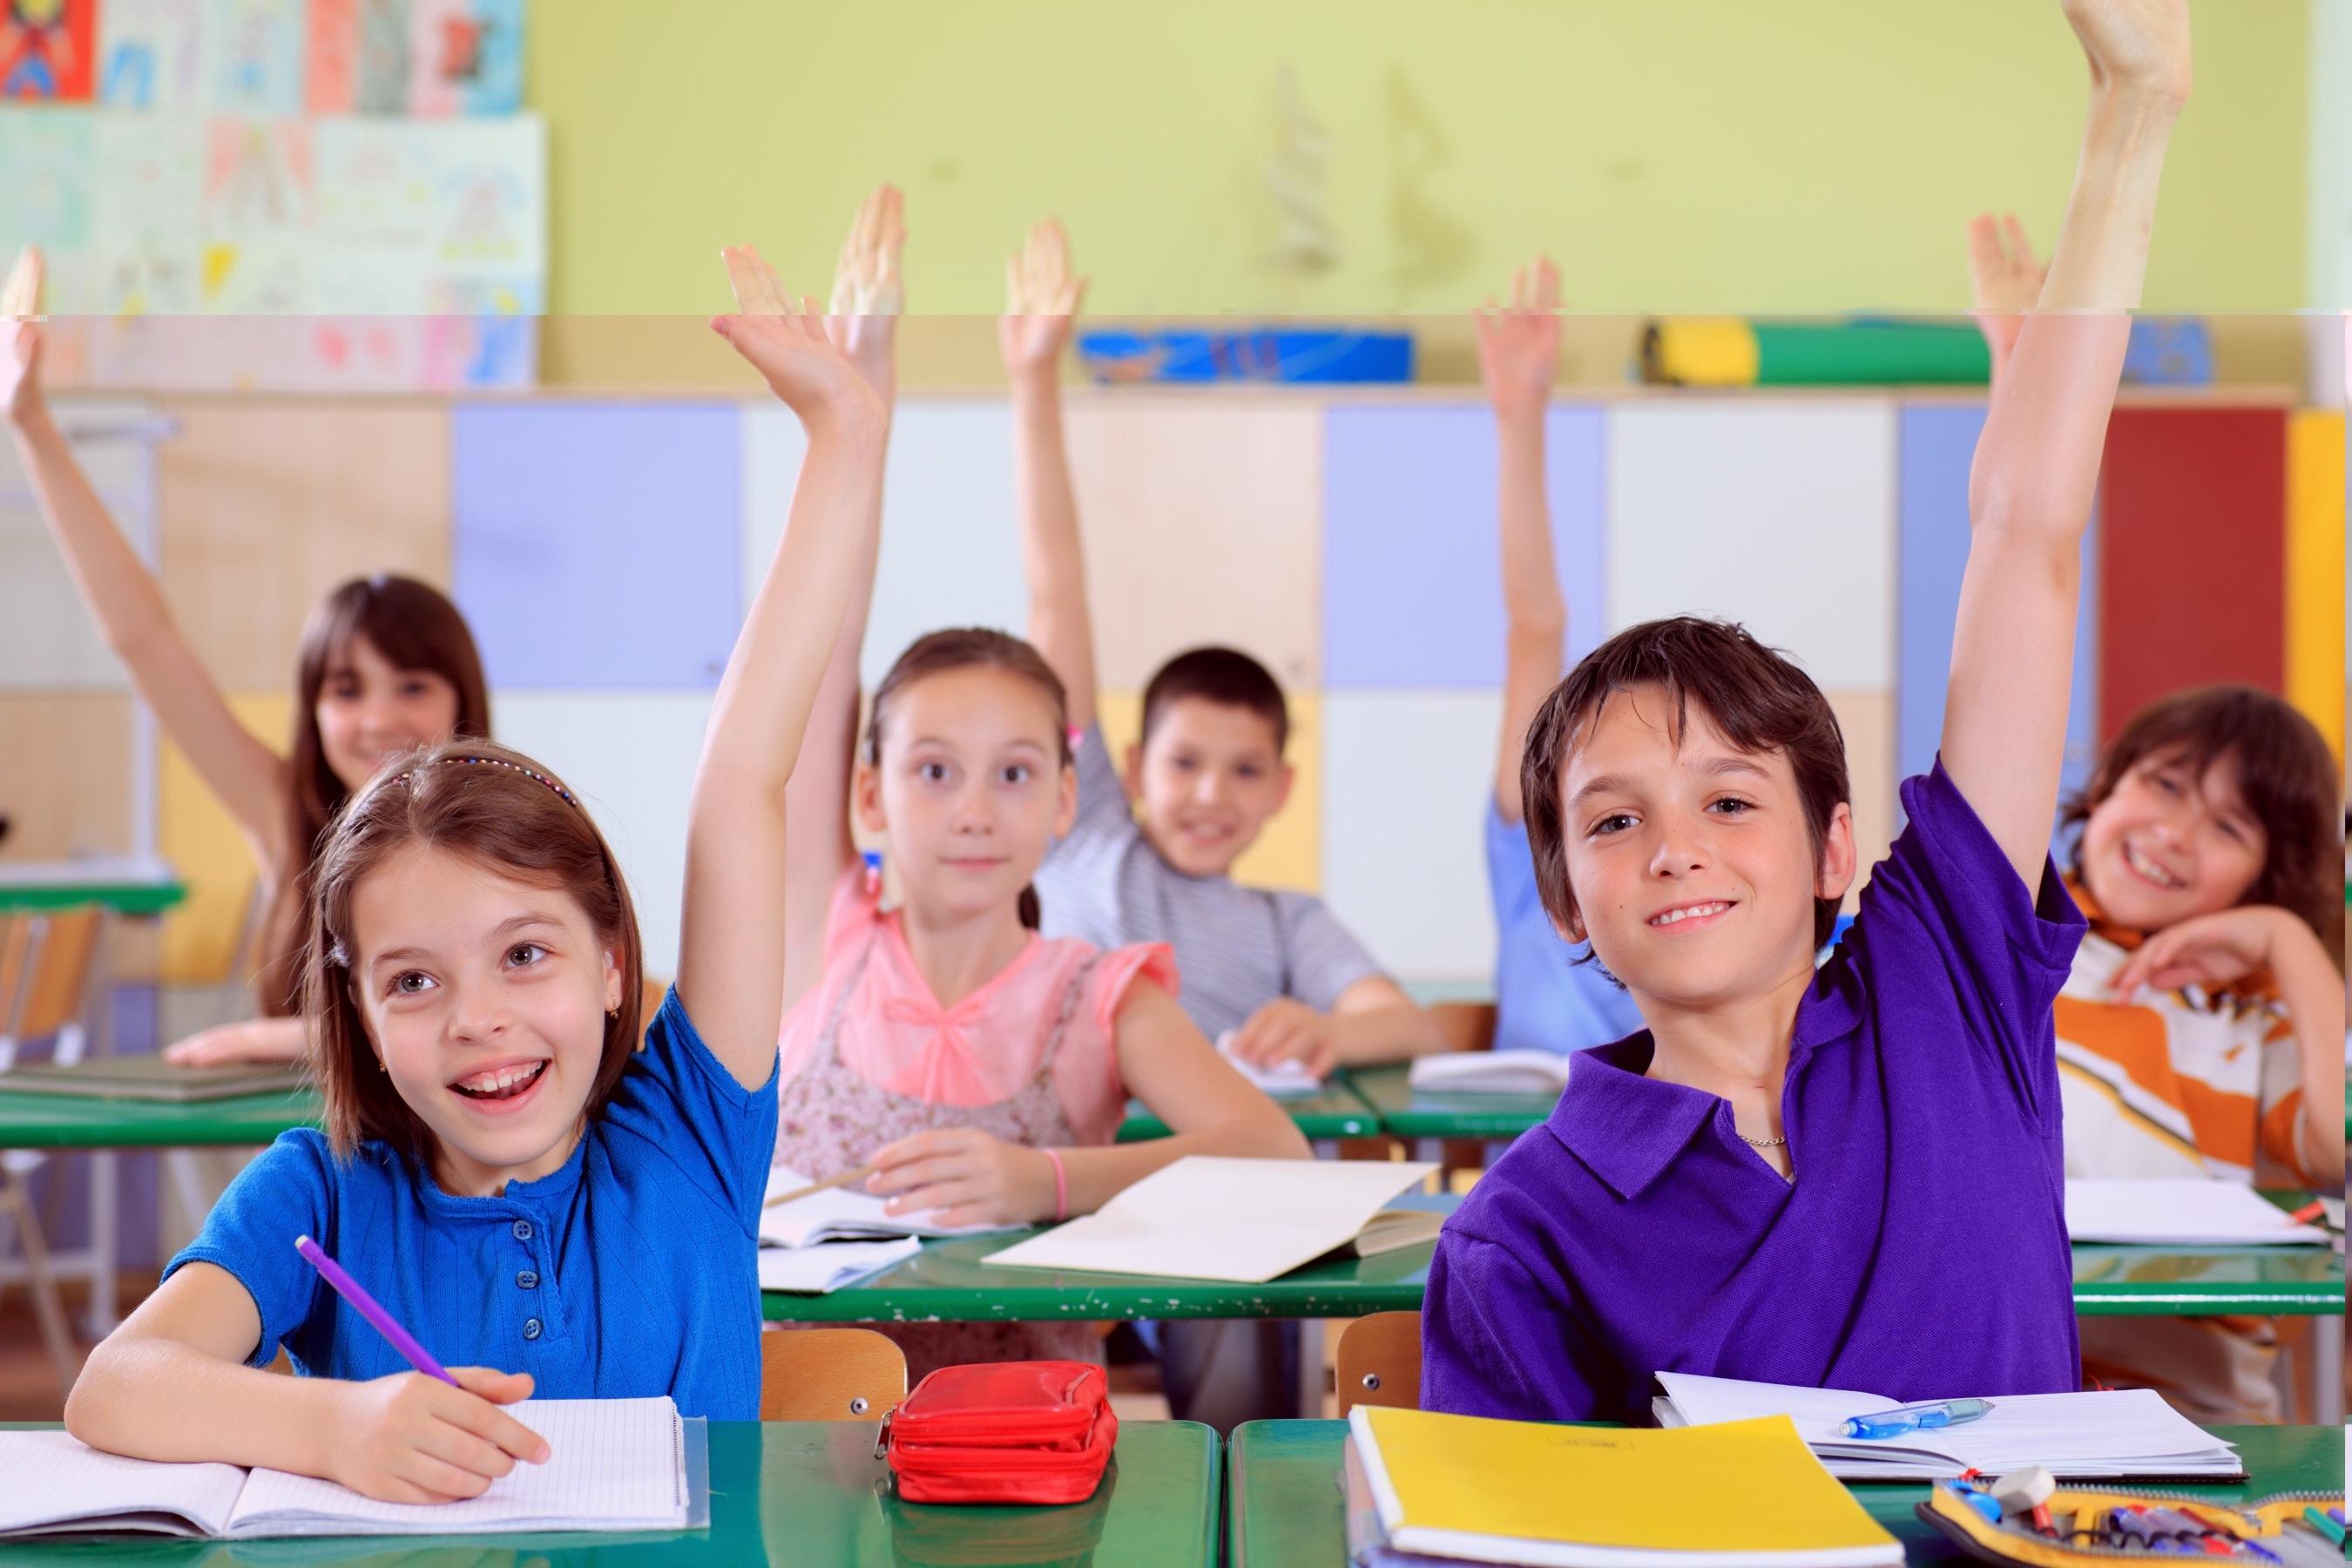 اساليب التحفيز الحديثة للطلاب